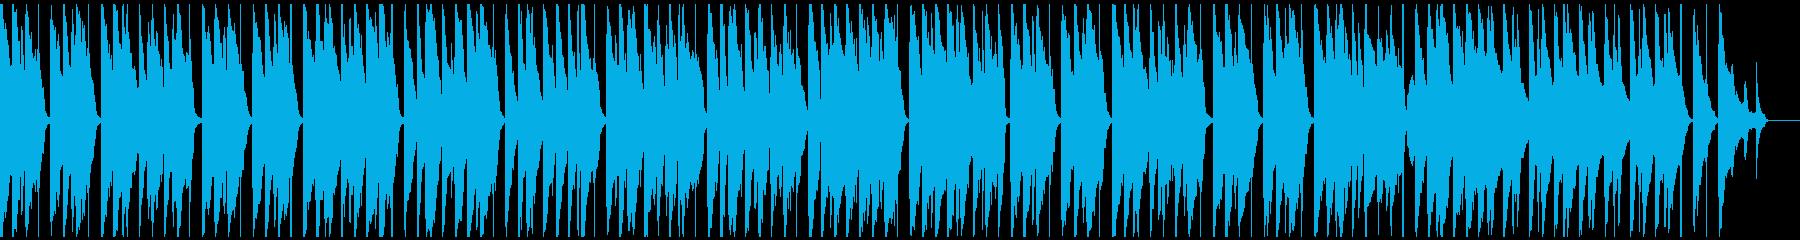 ワーグナー結婚行進曲リコーダー スネア抜の再生済みの波形